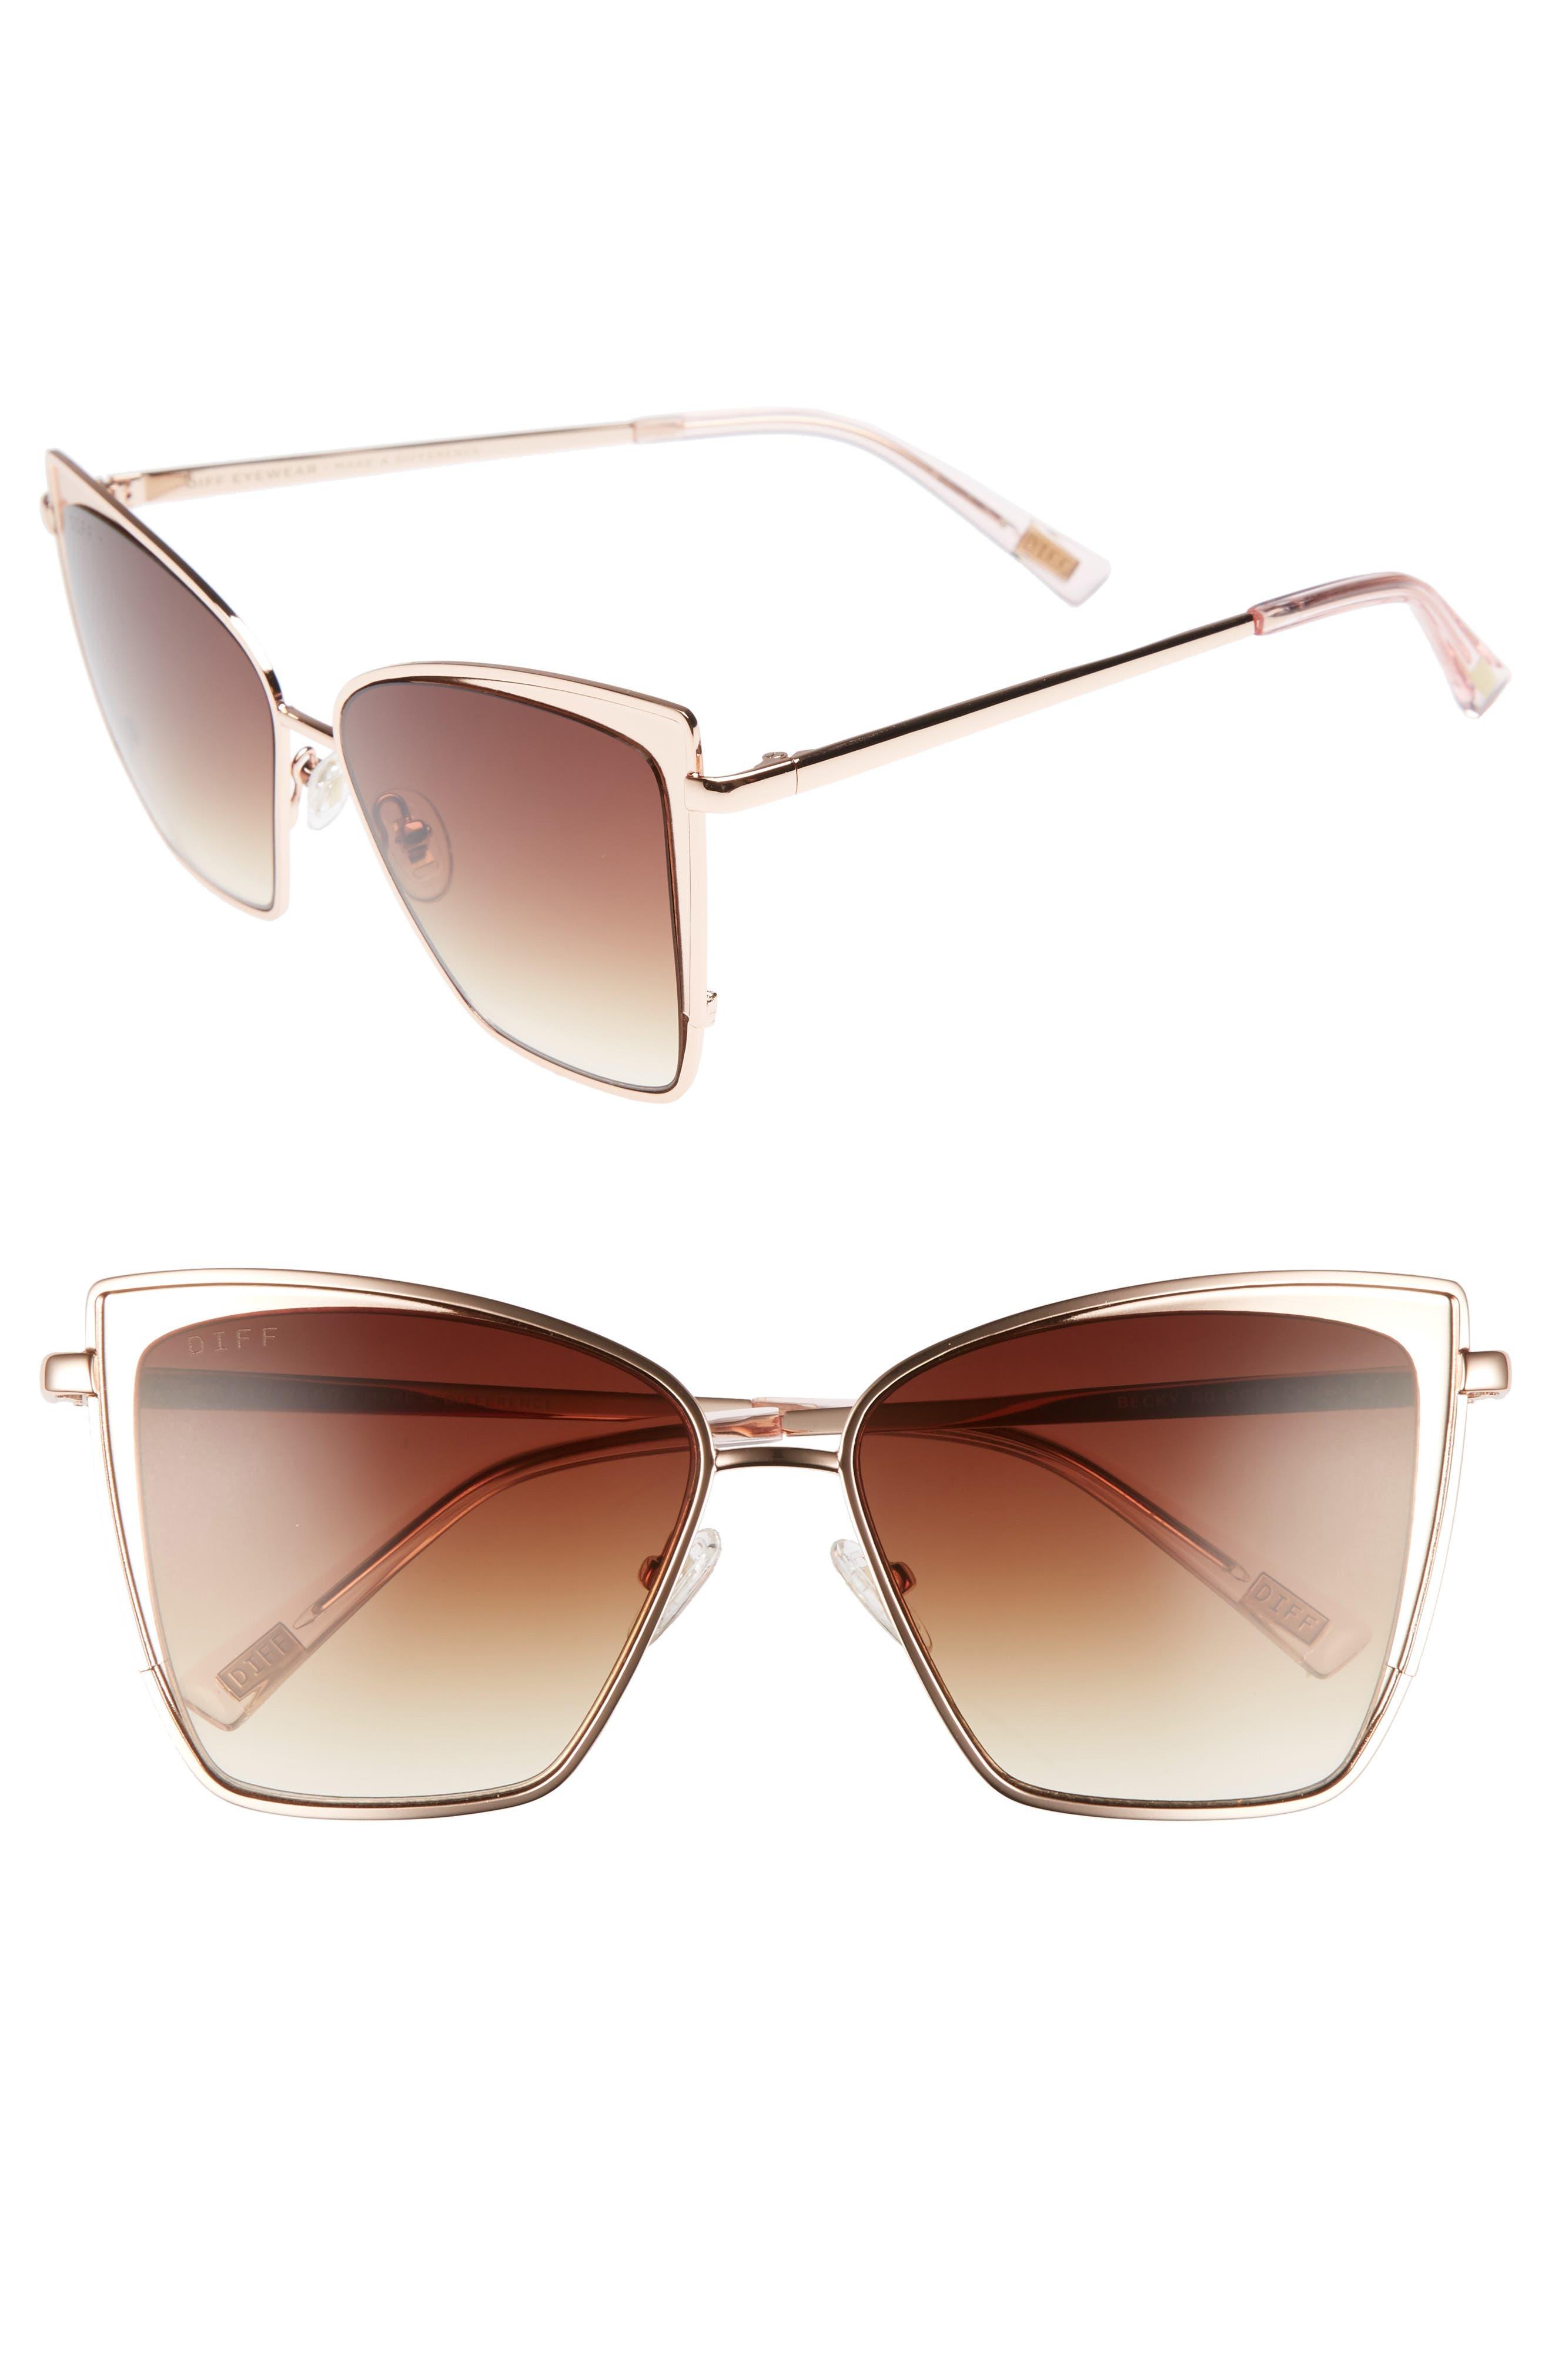 6a7cec97fd4 DIFF Sunglasses for Women